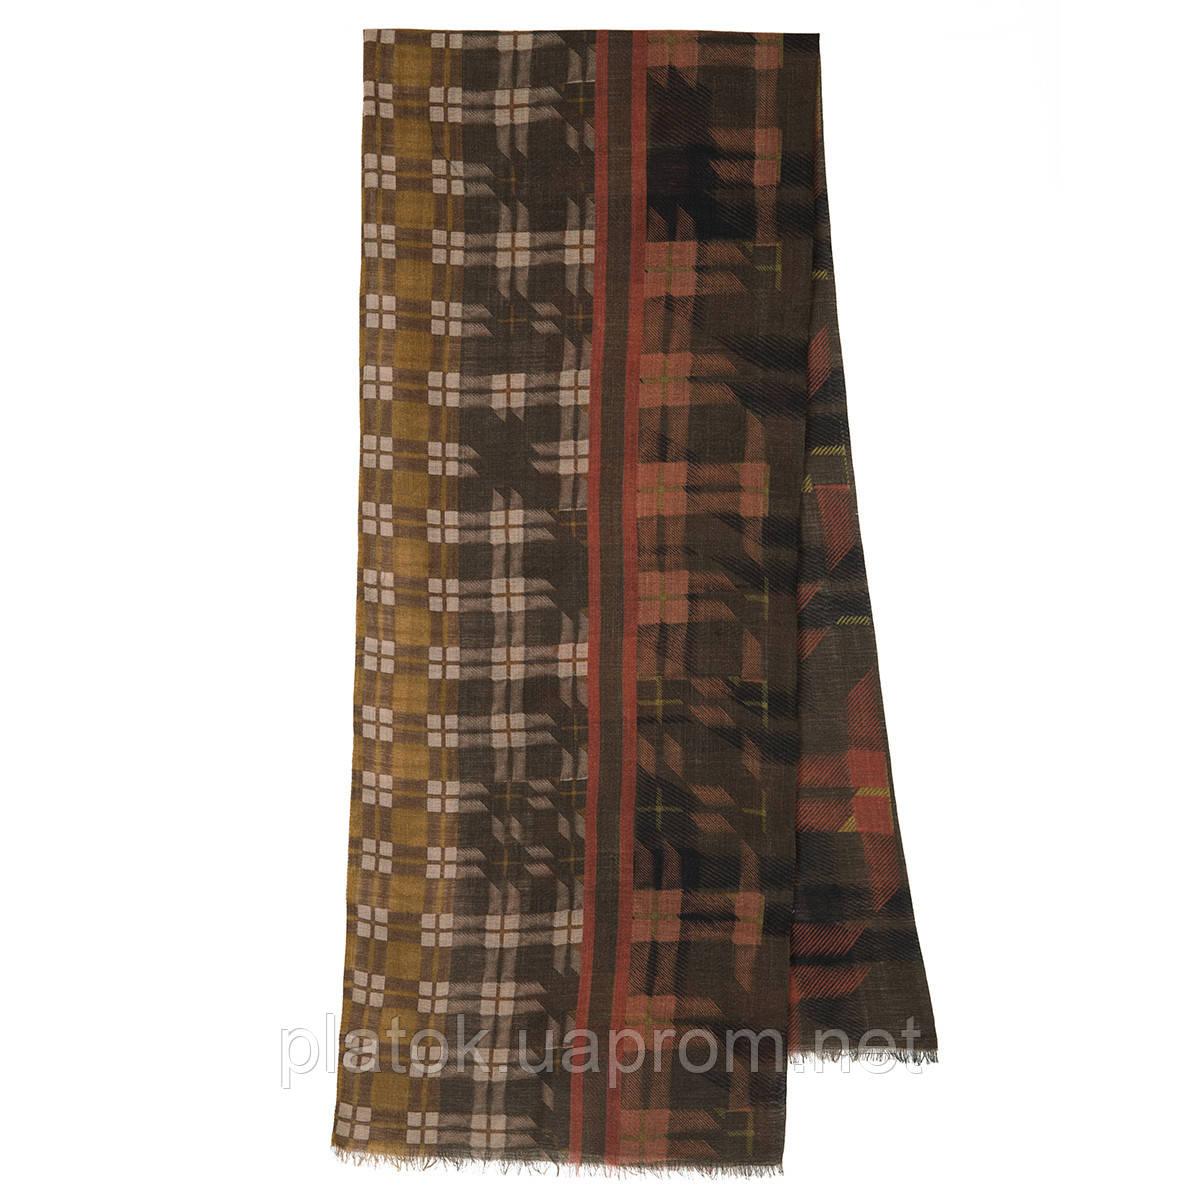 10371-16 кашне мужское, павлопосадский шарф (кашне) шерстяной (разреженная шерсть) с осыпкой